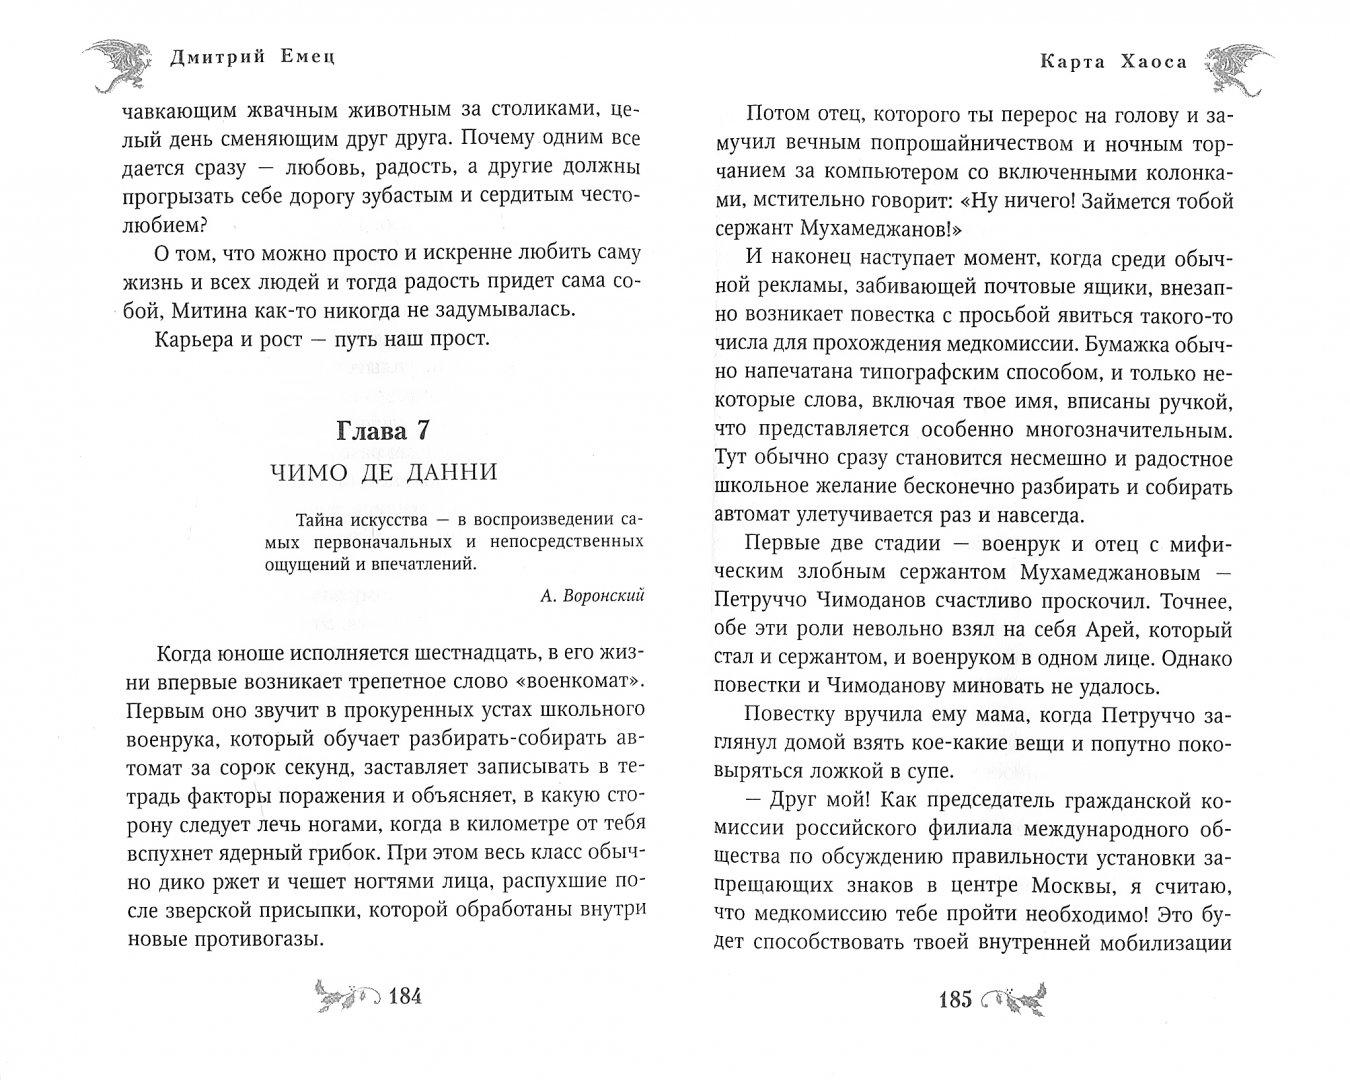 Иллюстрация 1 из 24 для Карта Хаоса - Дмитрий Емец | Лабиринт - книги. Источник: Лабиринт